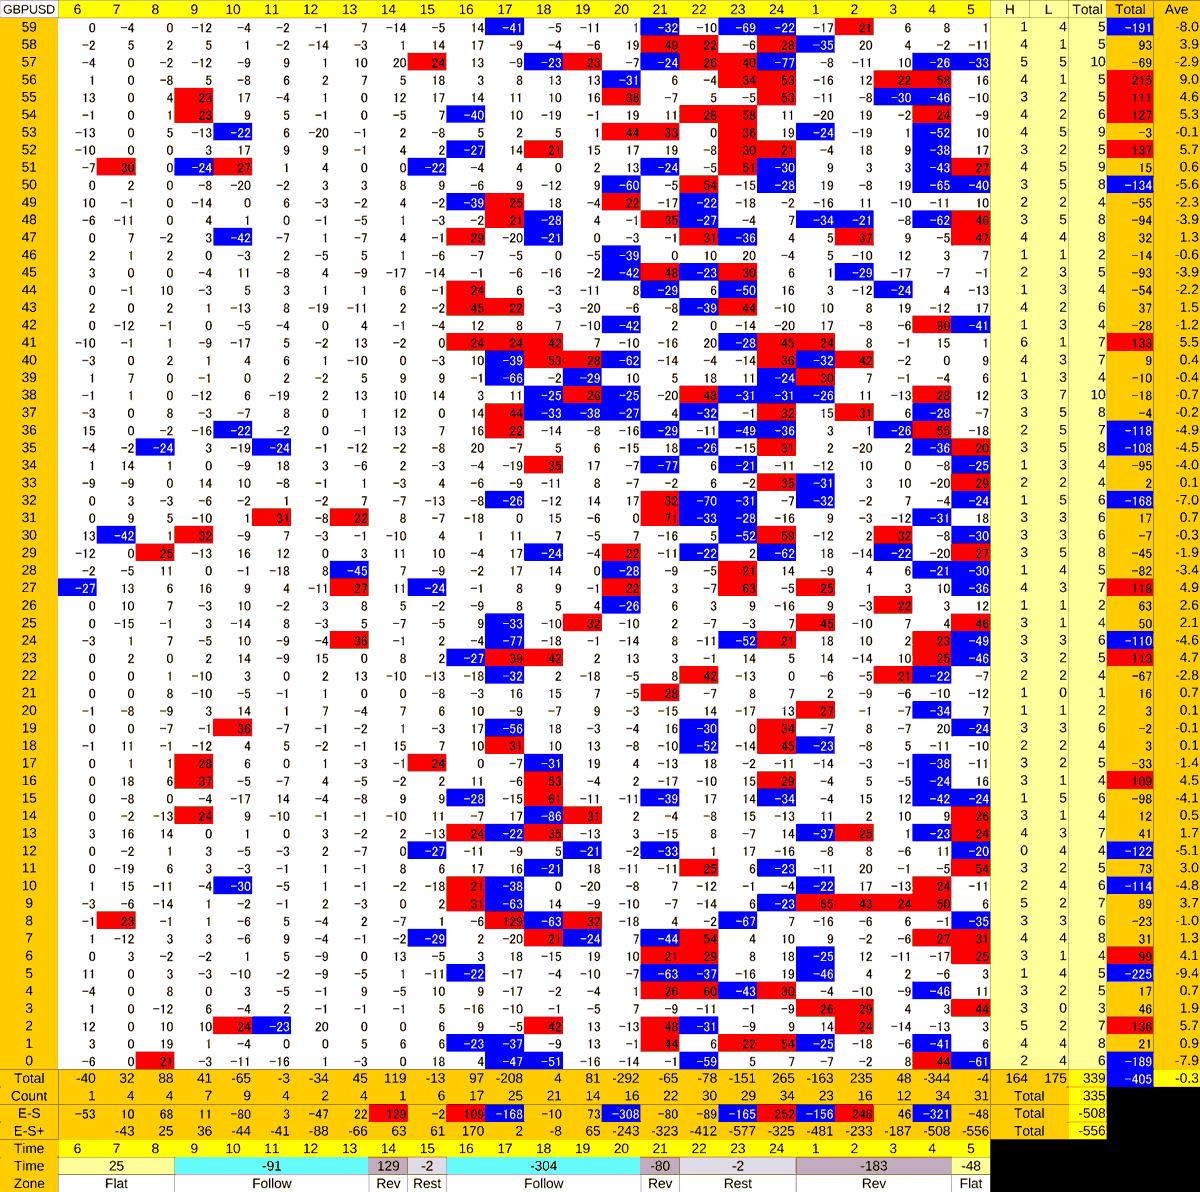 20210127_HS(2)GBPUSD